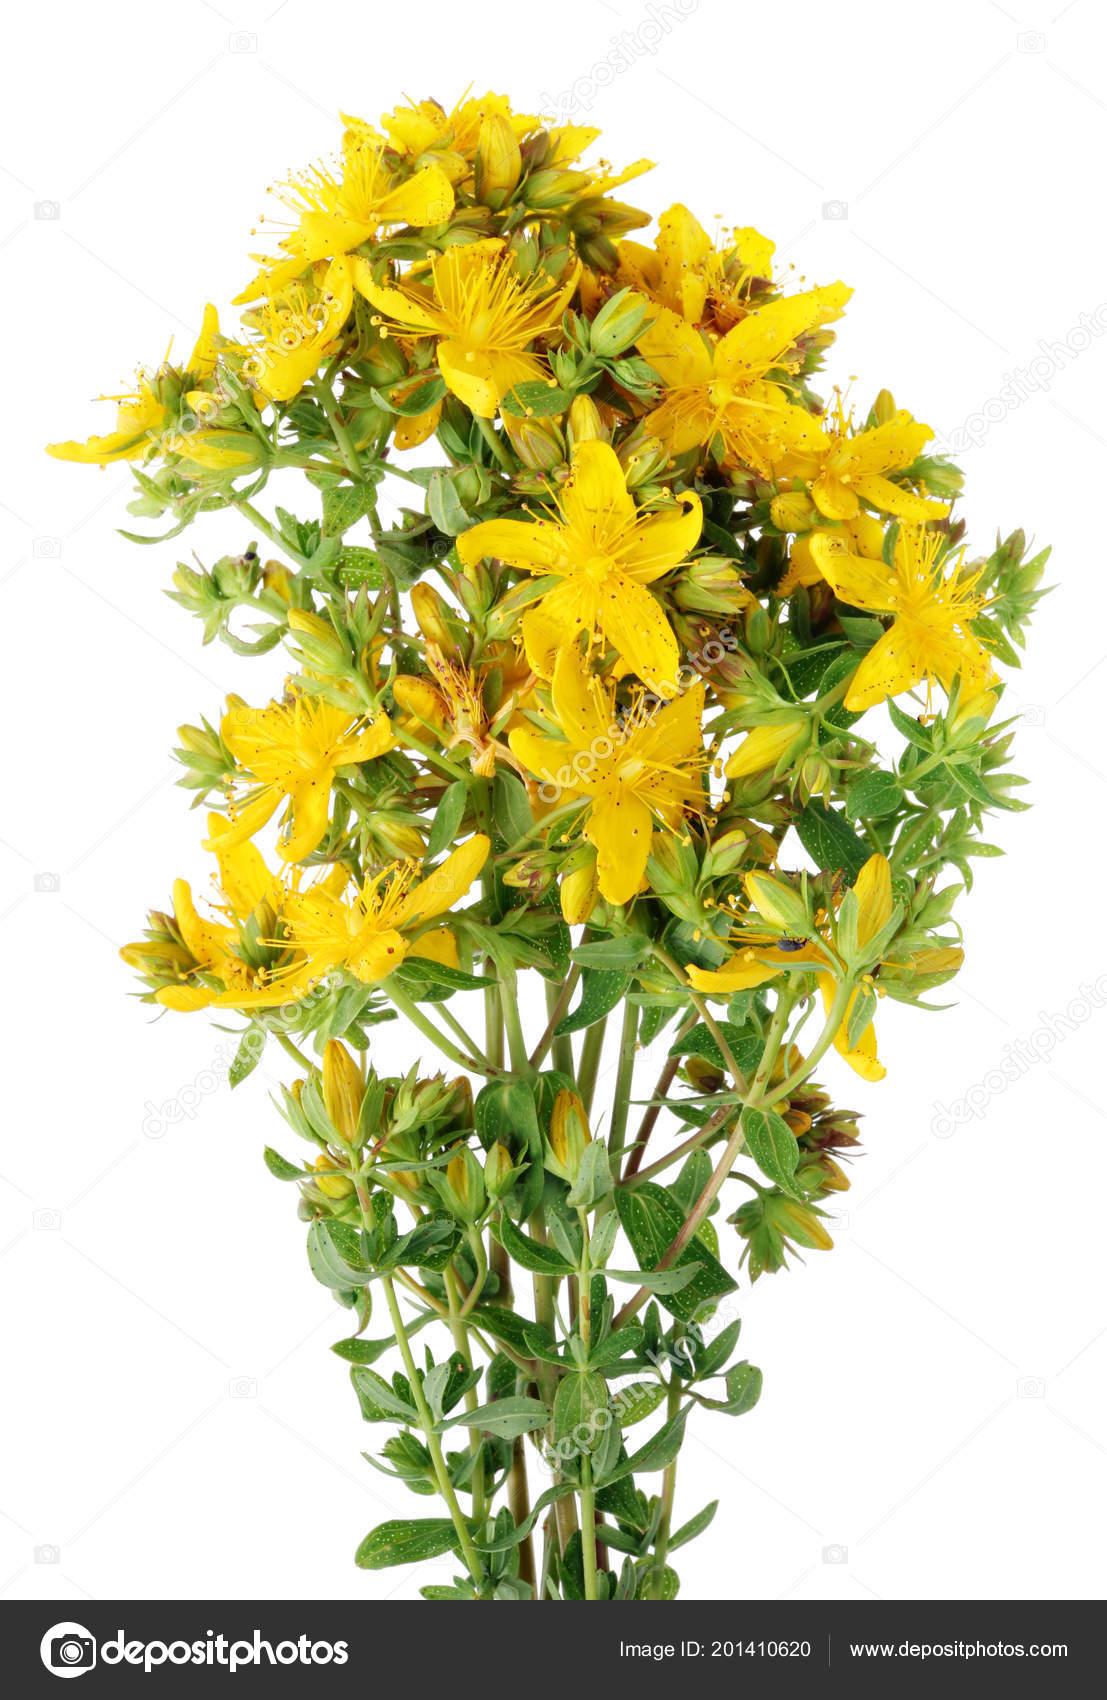 Planta Medicinal Hierba San Juan Flores Amarillas Fragantes Esta